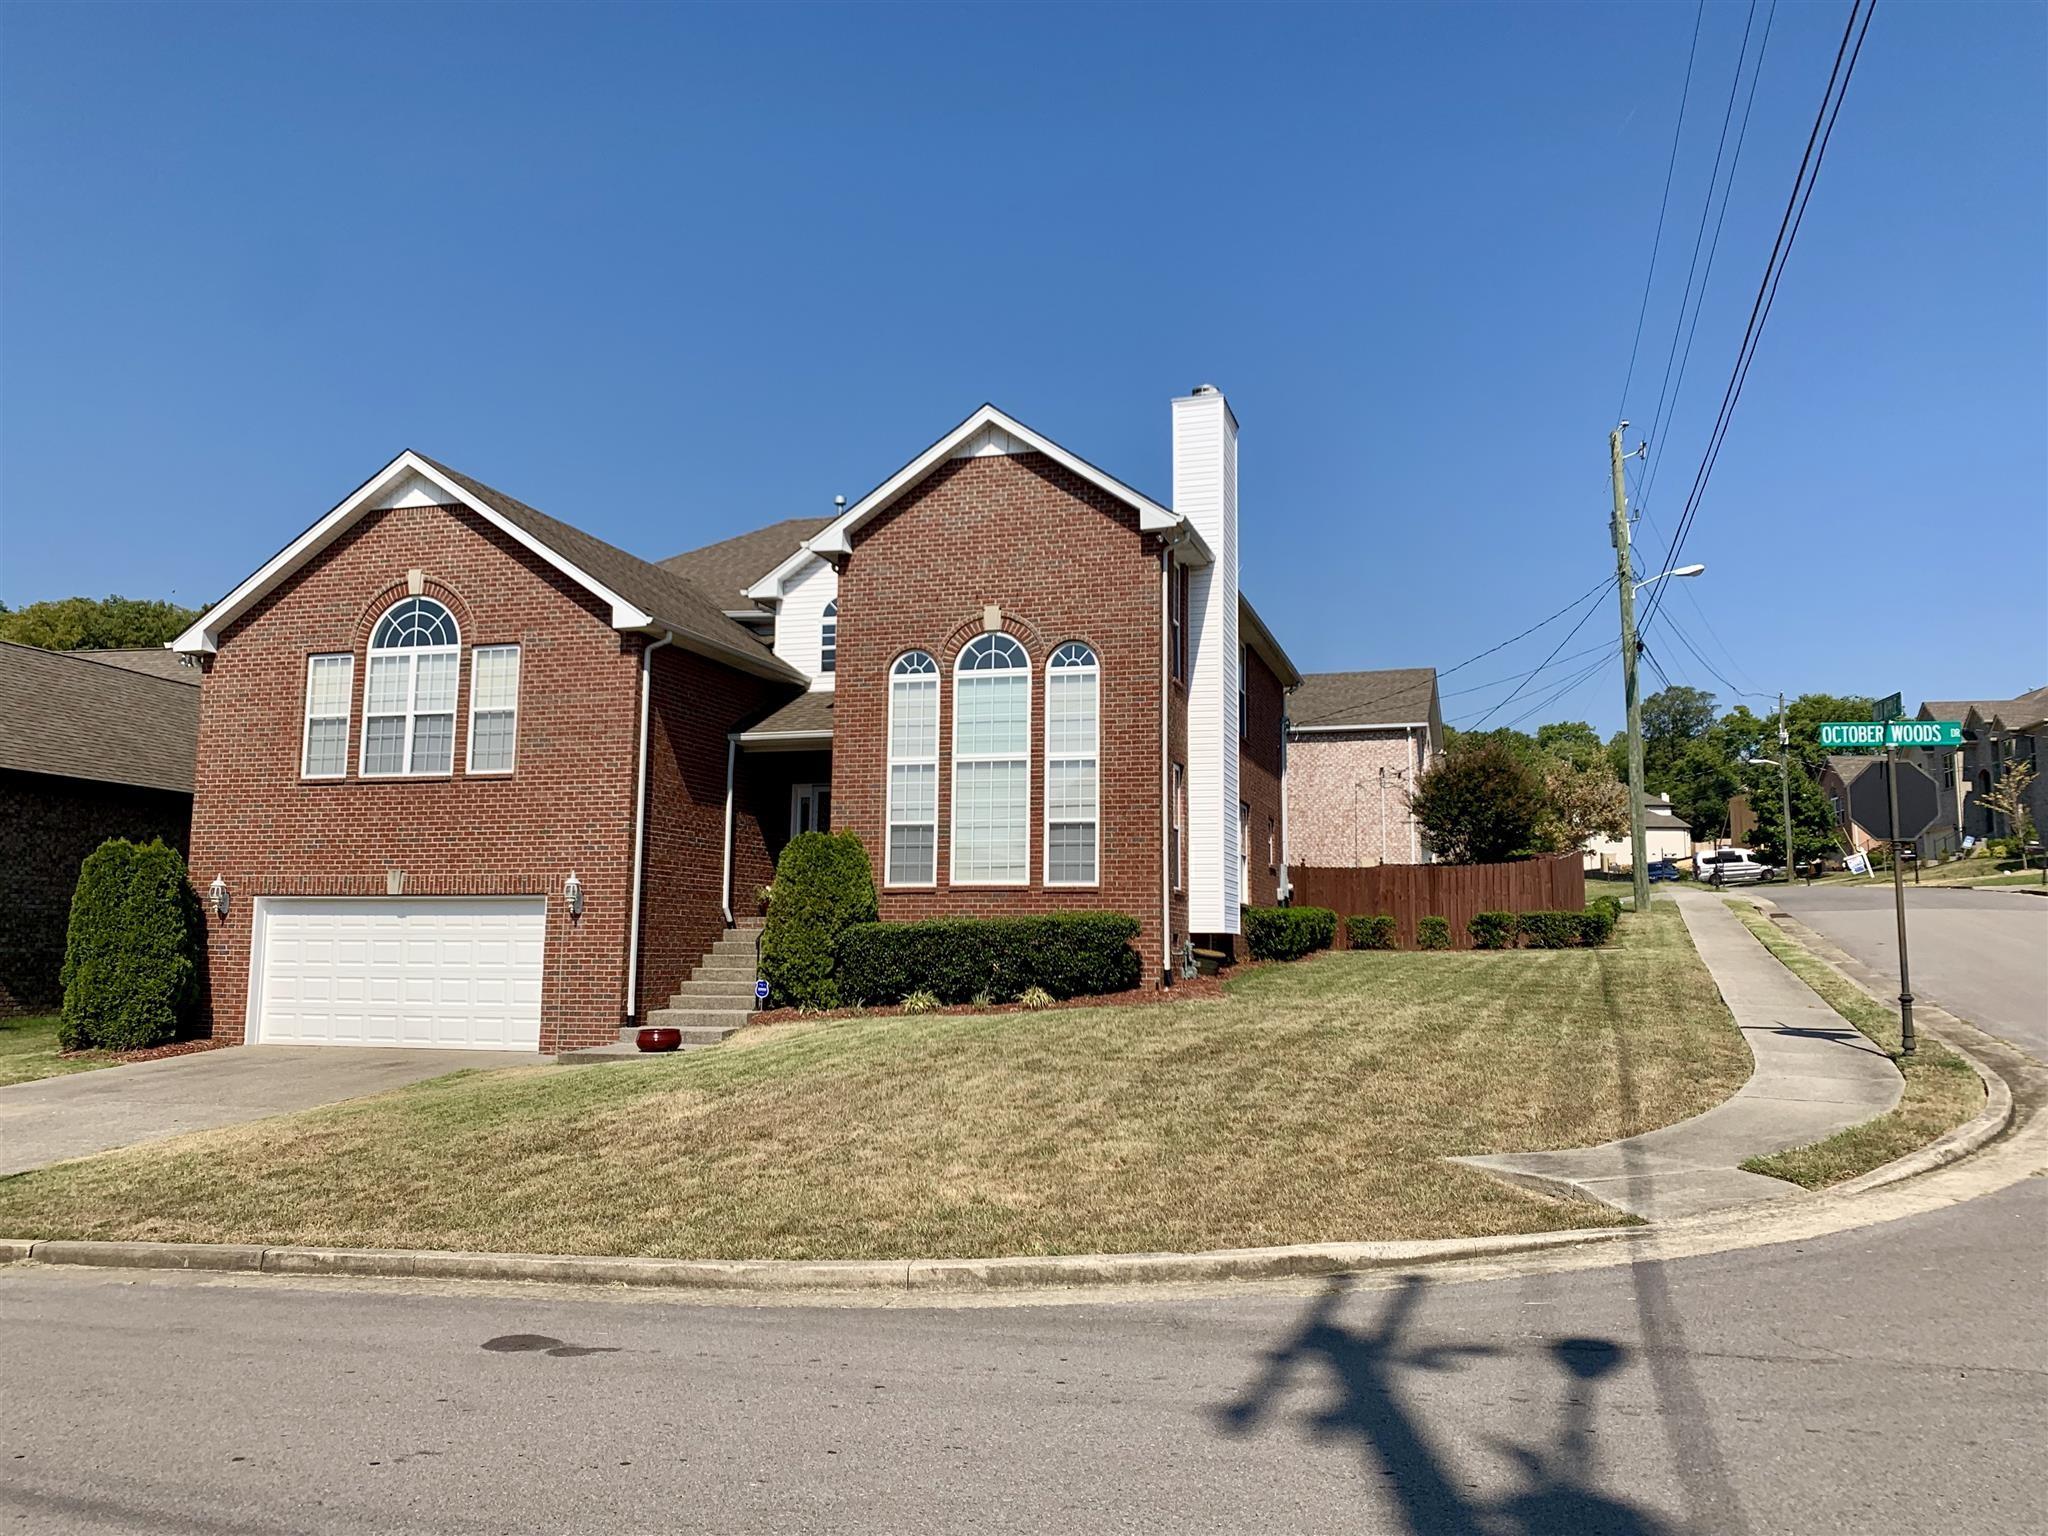 4260 October Woods Dr, Antioch, TN 37013 - Antioch, TN real estate listing